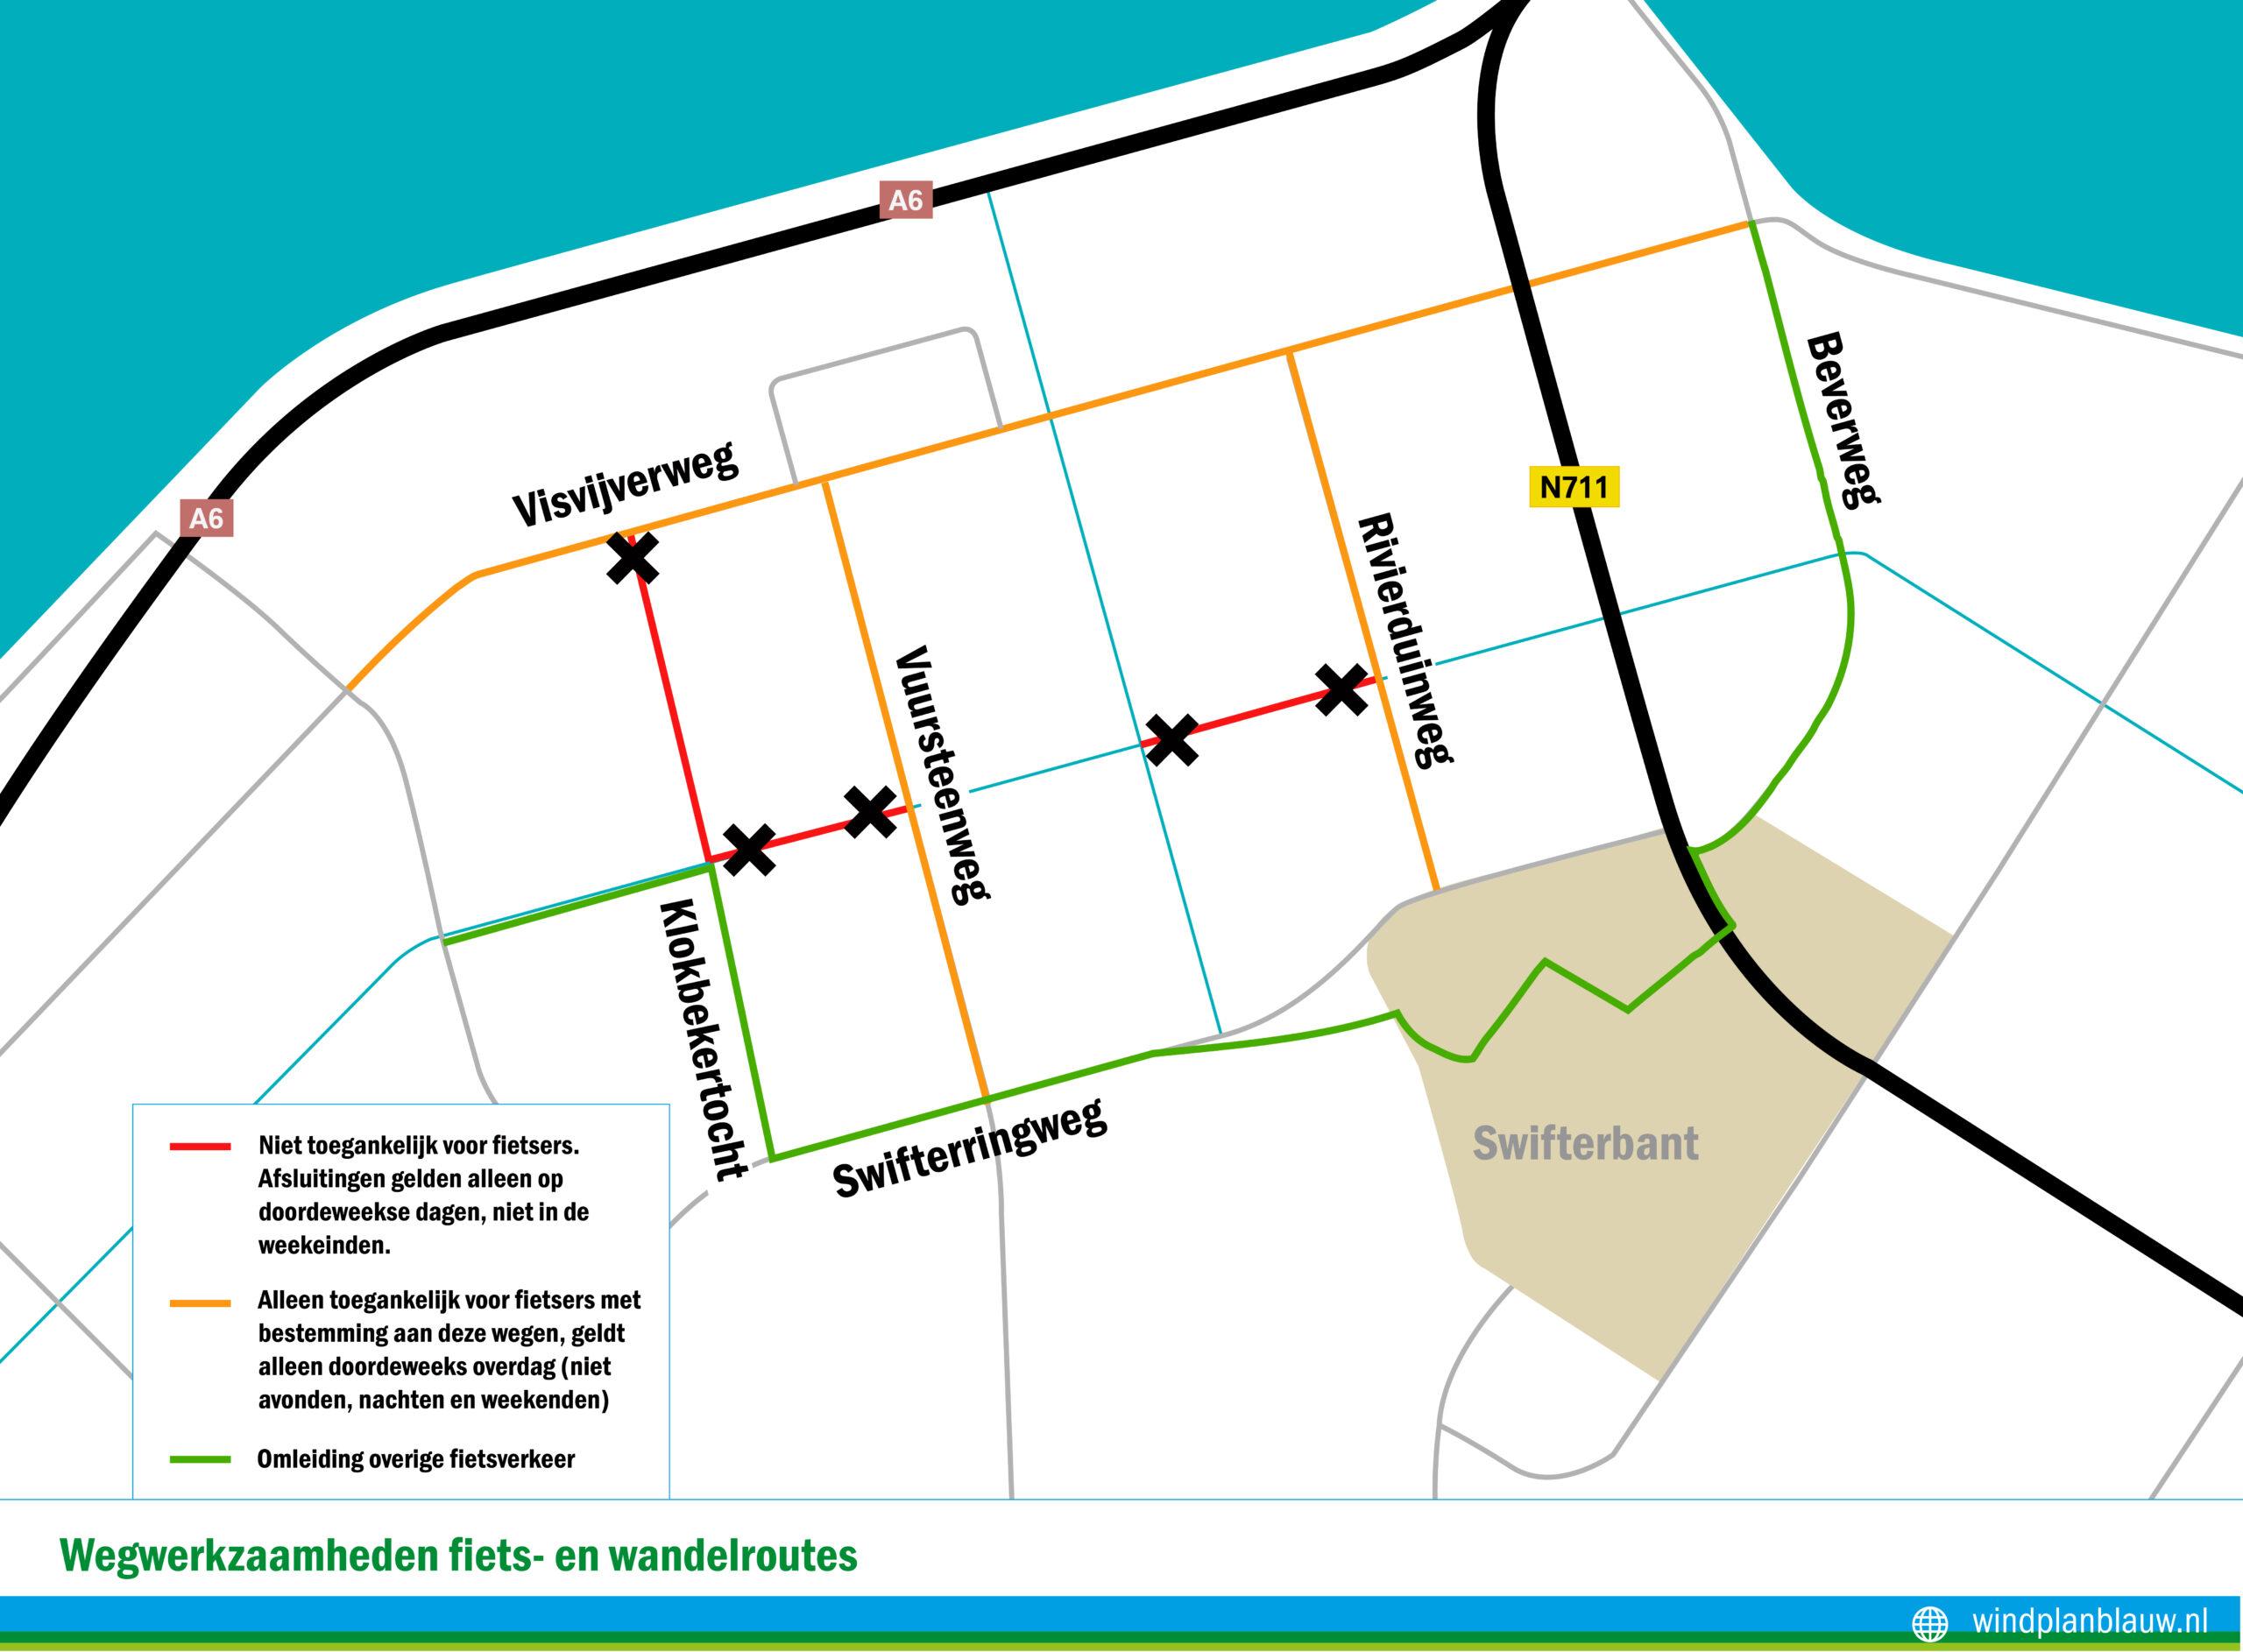 Vanaf 10 mei gelden er afsluitingen en omleidingen voor fiets- en wandelroutes